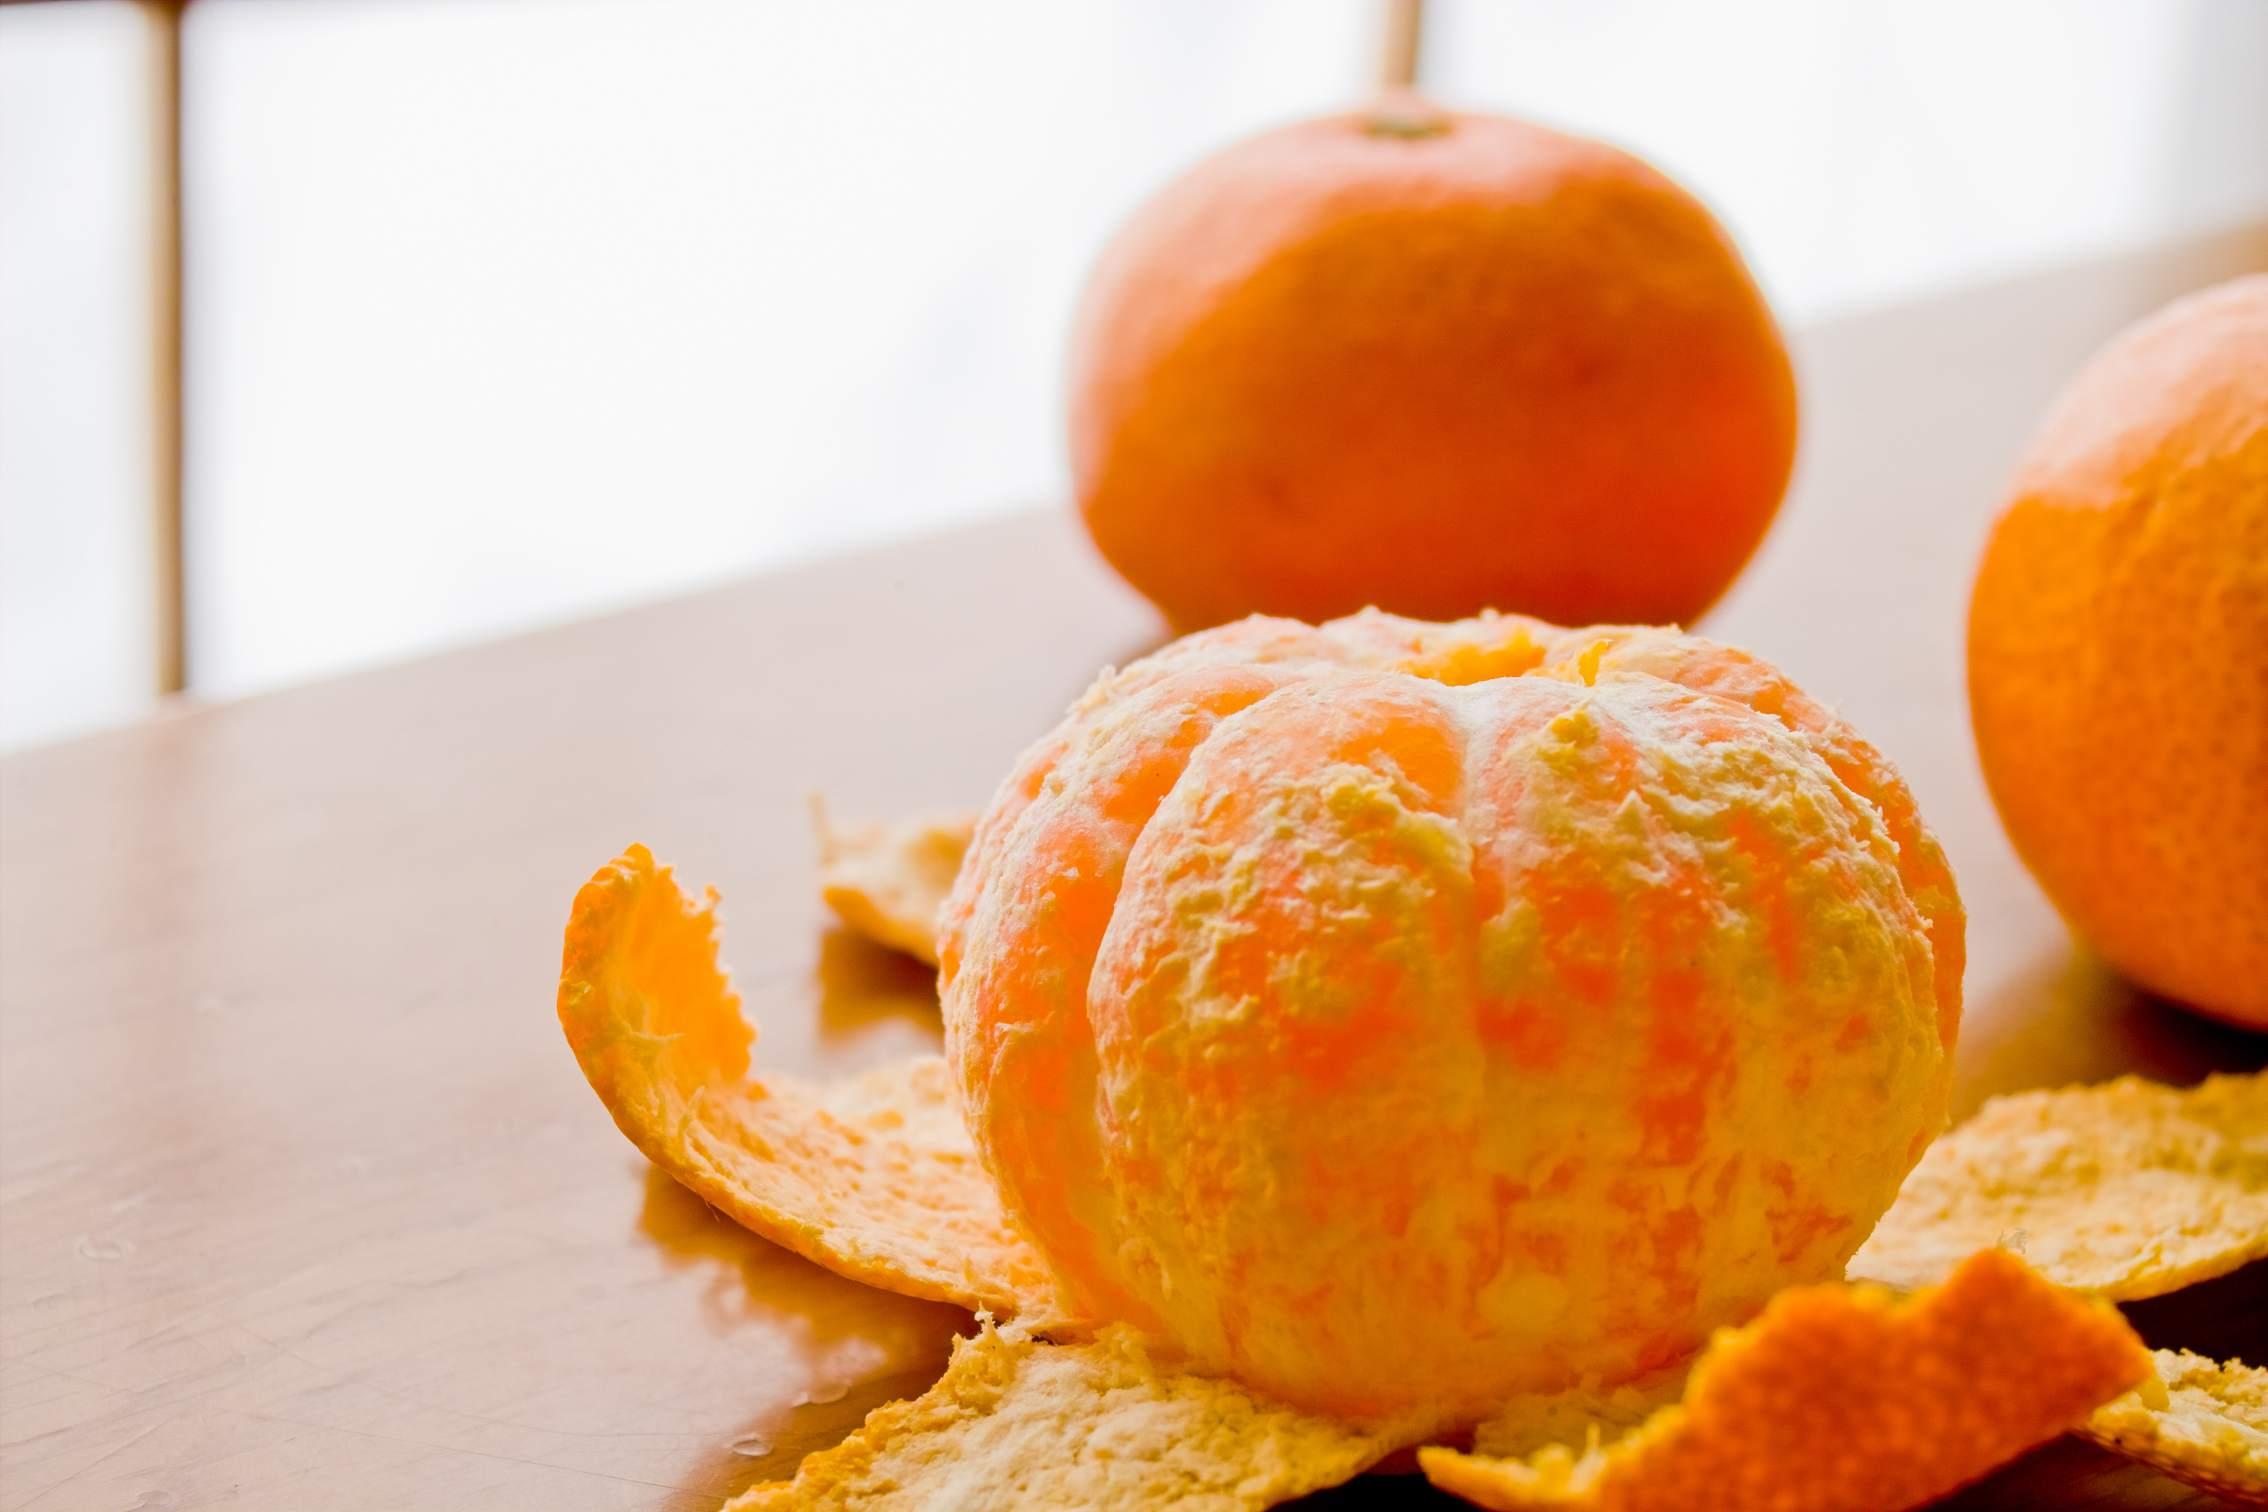 A peeled satsuma (tangerines)